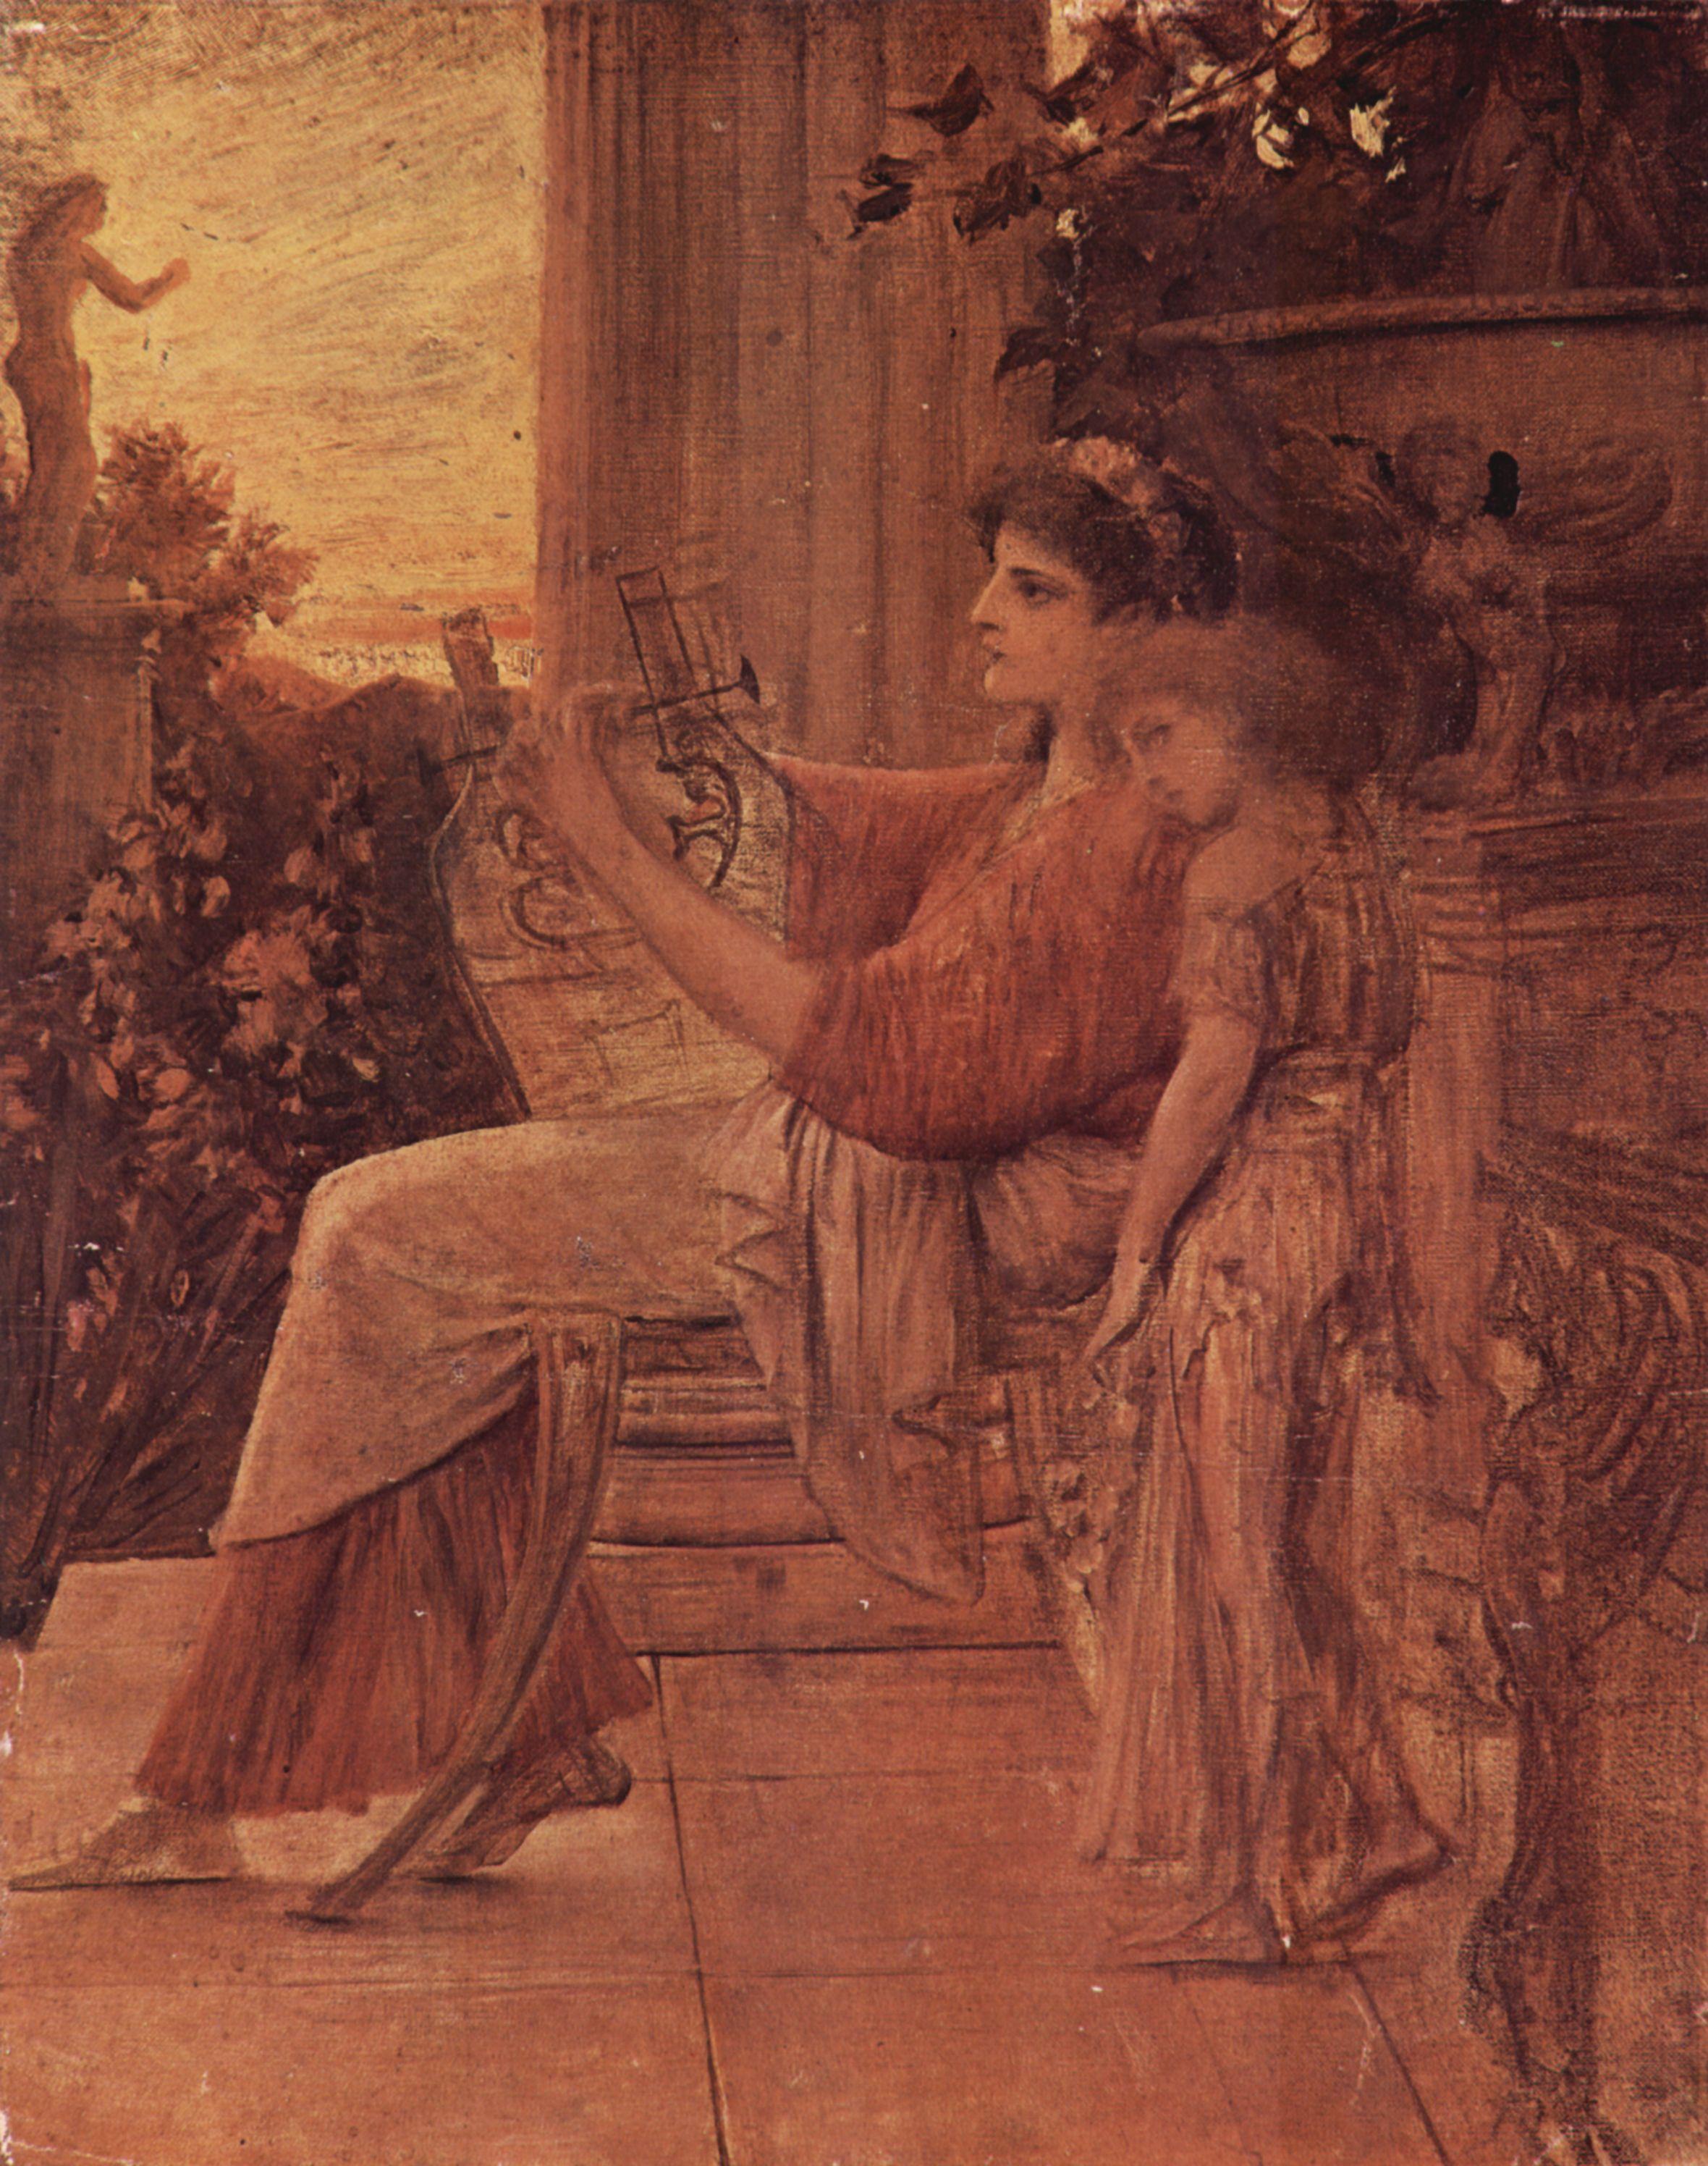 Theunynck-Klimt